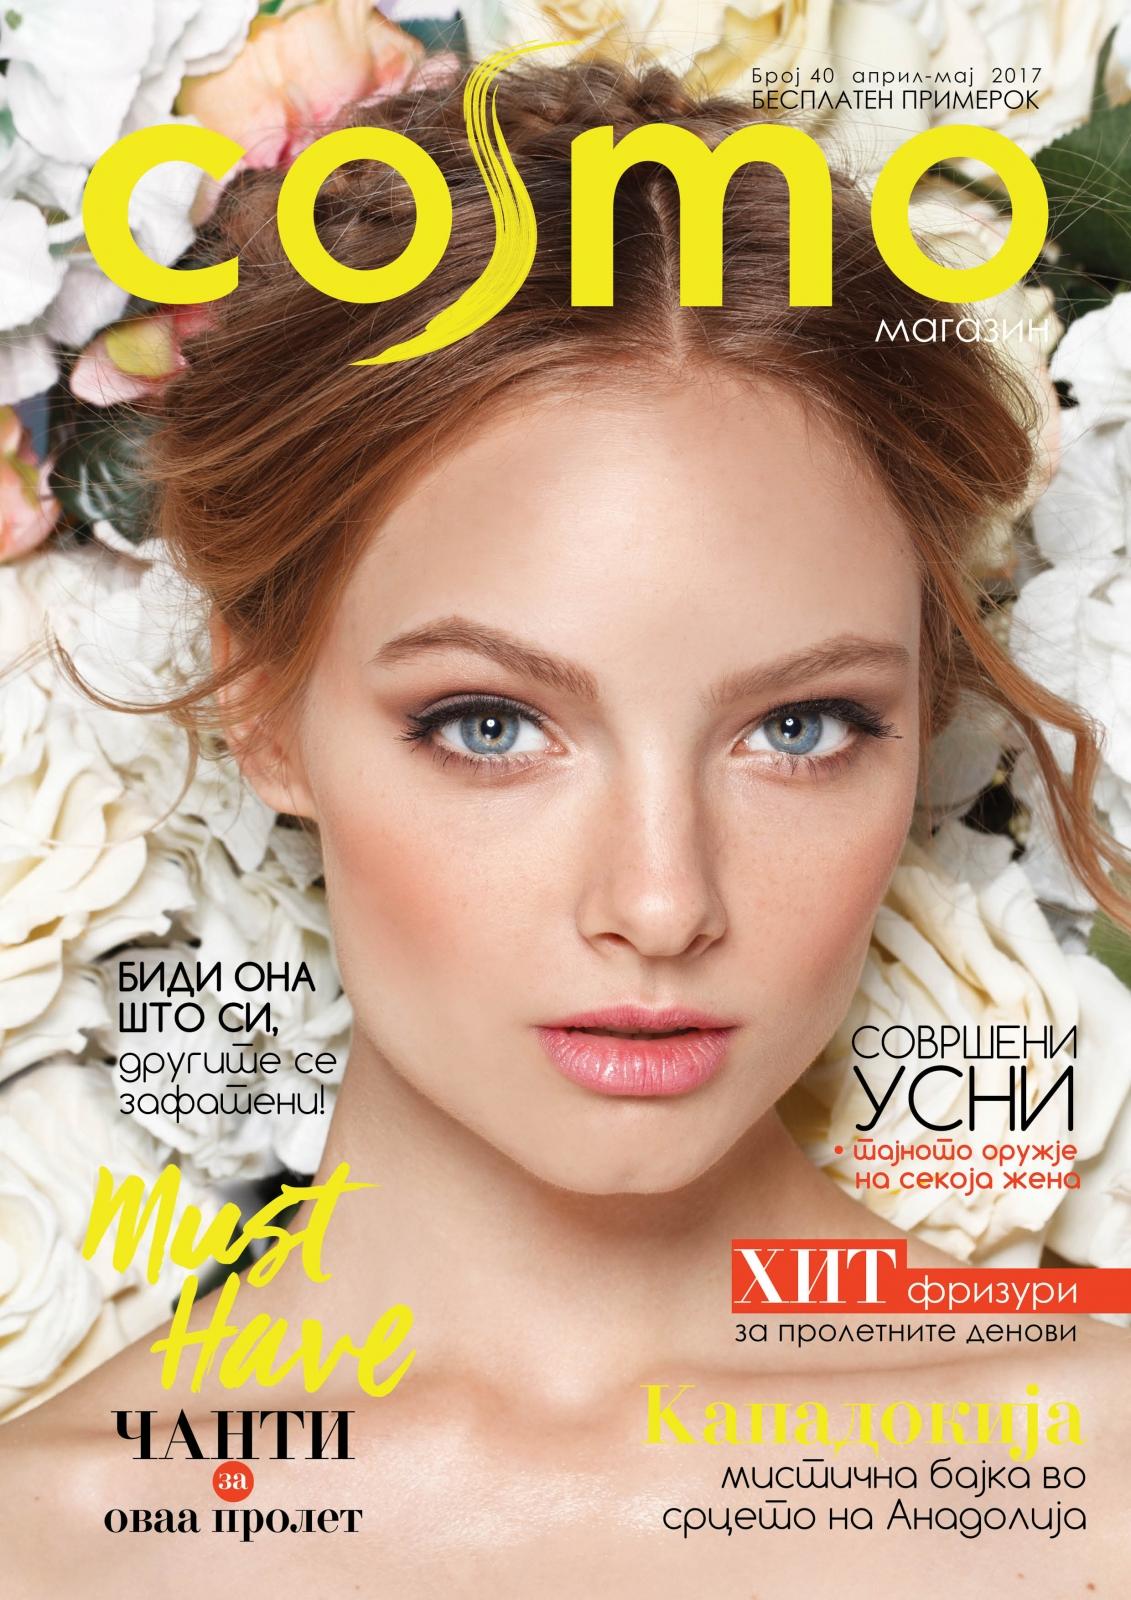 Супер интересни содржини во новиот број на Cosmo магазинот